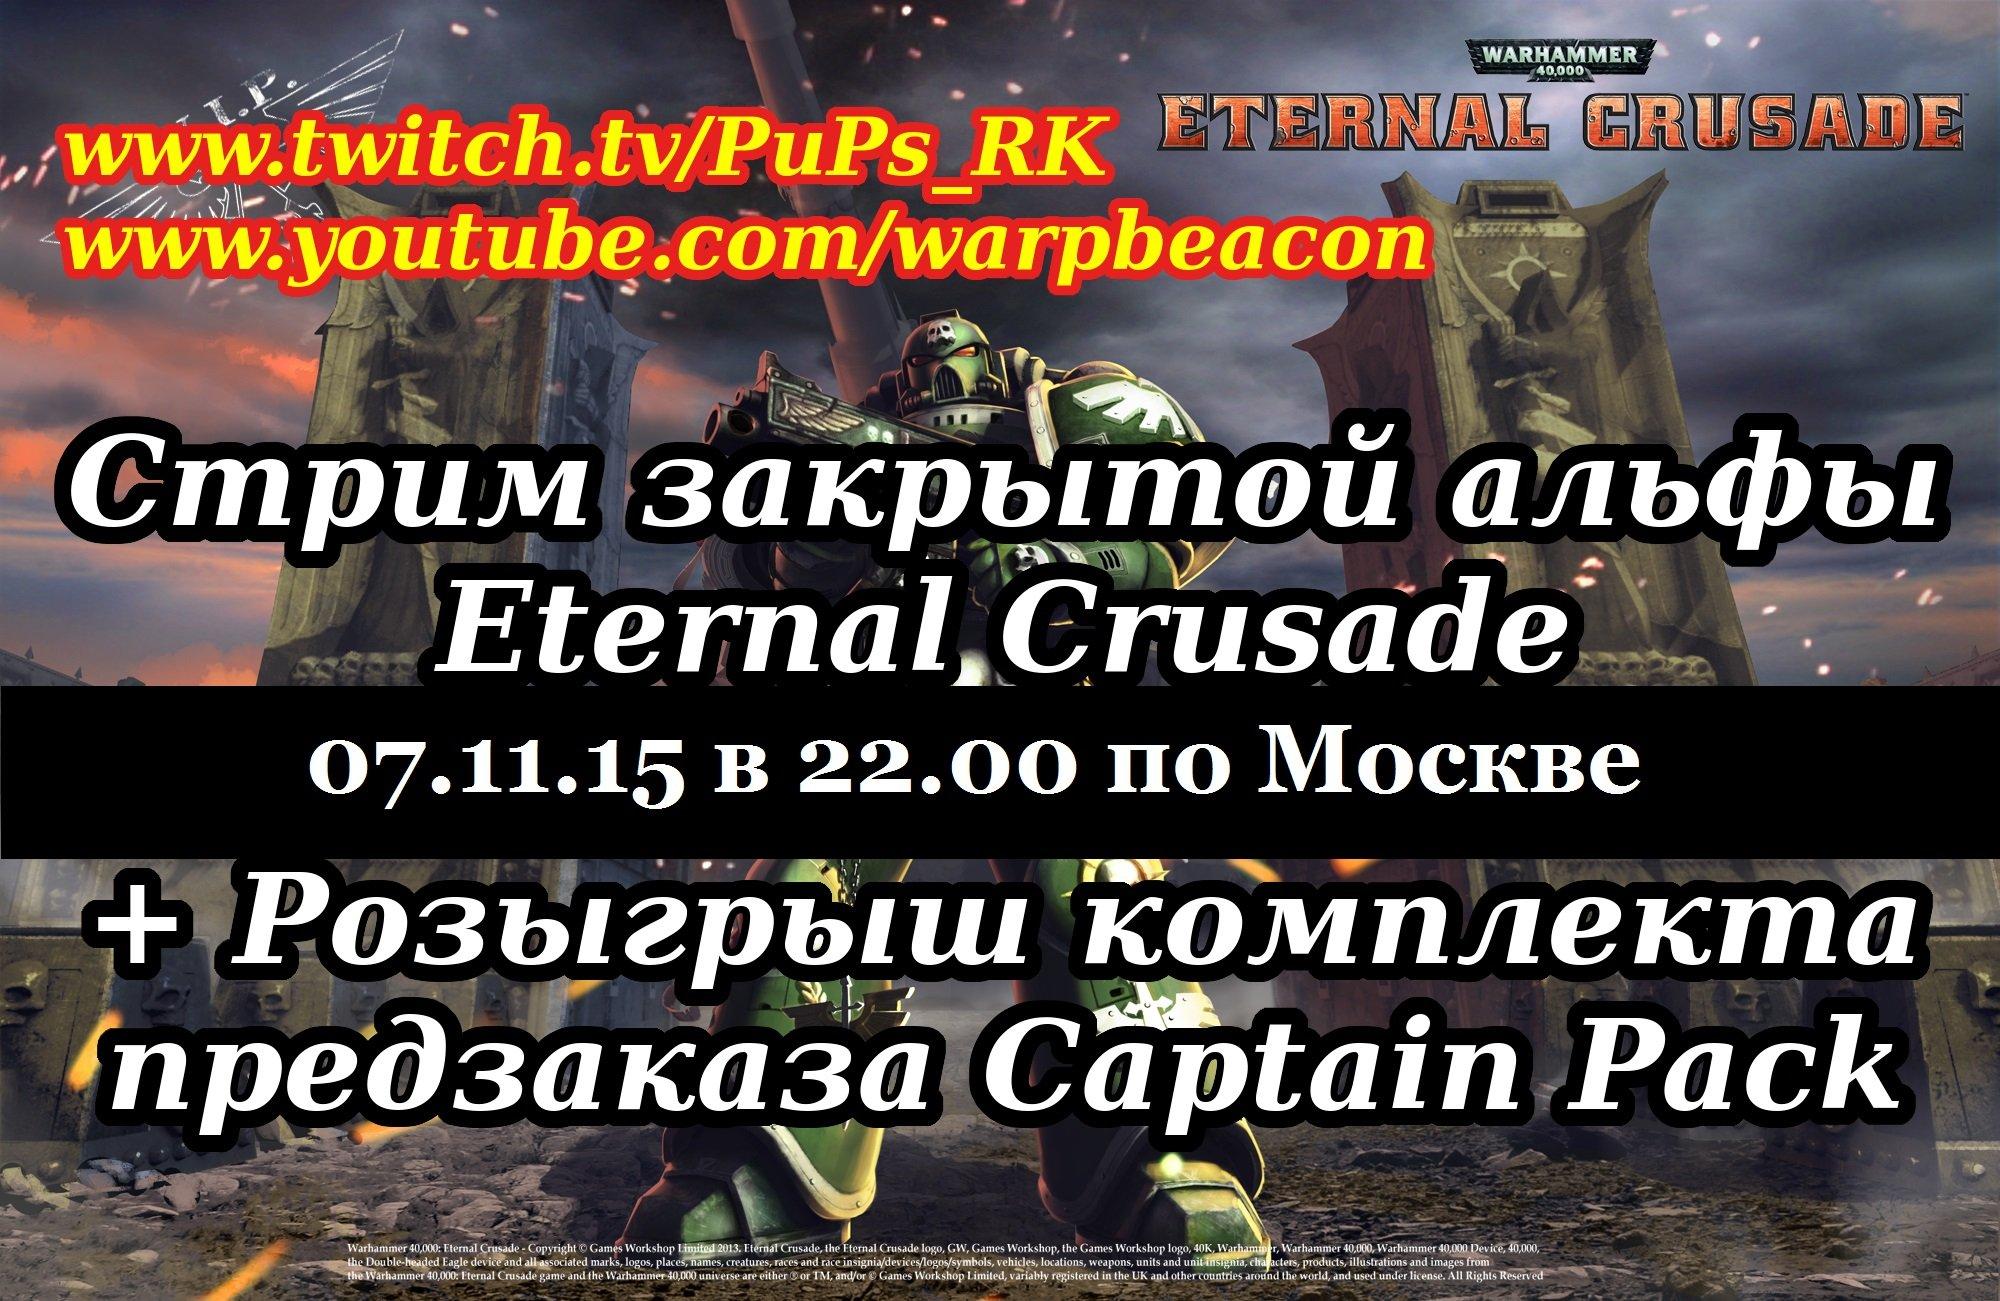 Анонс стрима и розыгрыша Eternal Crusade 07.11.15 в 22.00 по Мск!  - Изображение 1